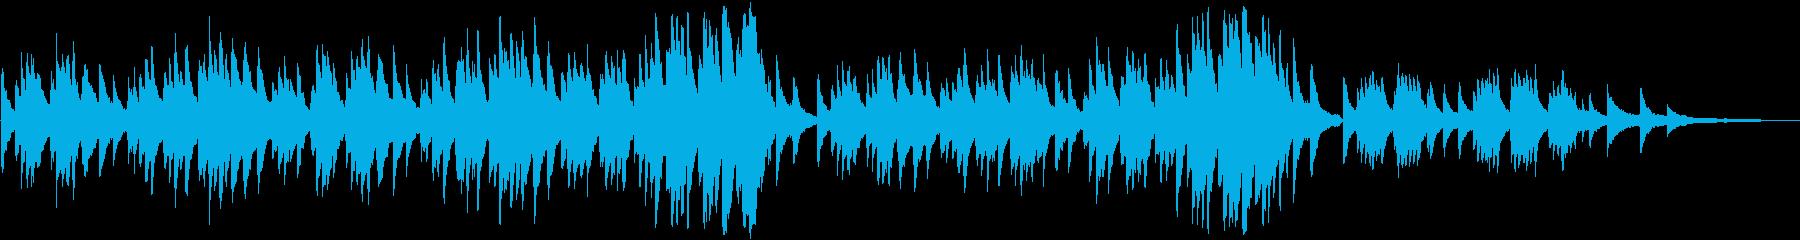 愛のワルツ/ブラームス【ピアノソロ】の再生済みの波形